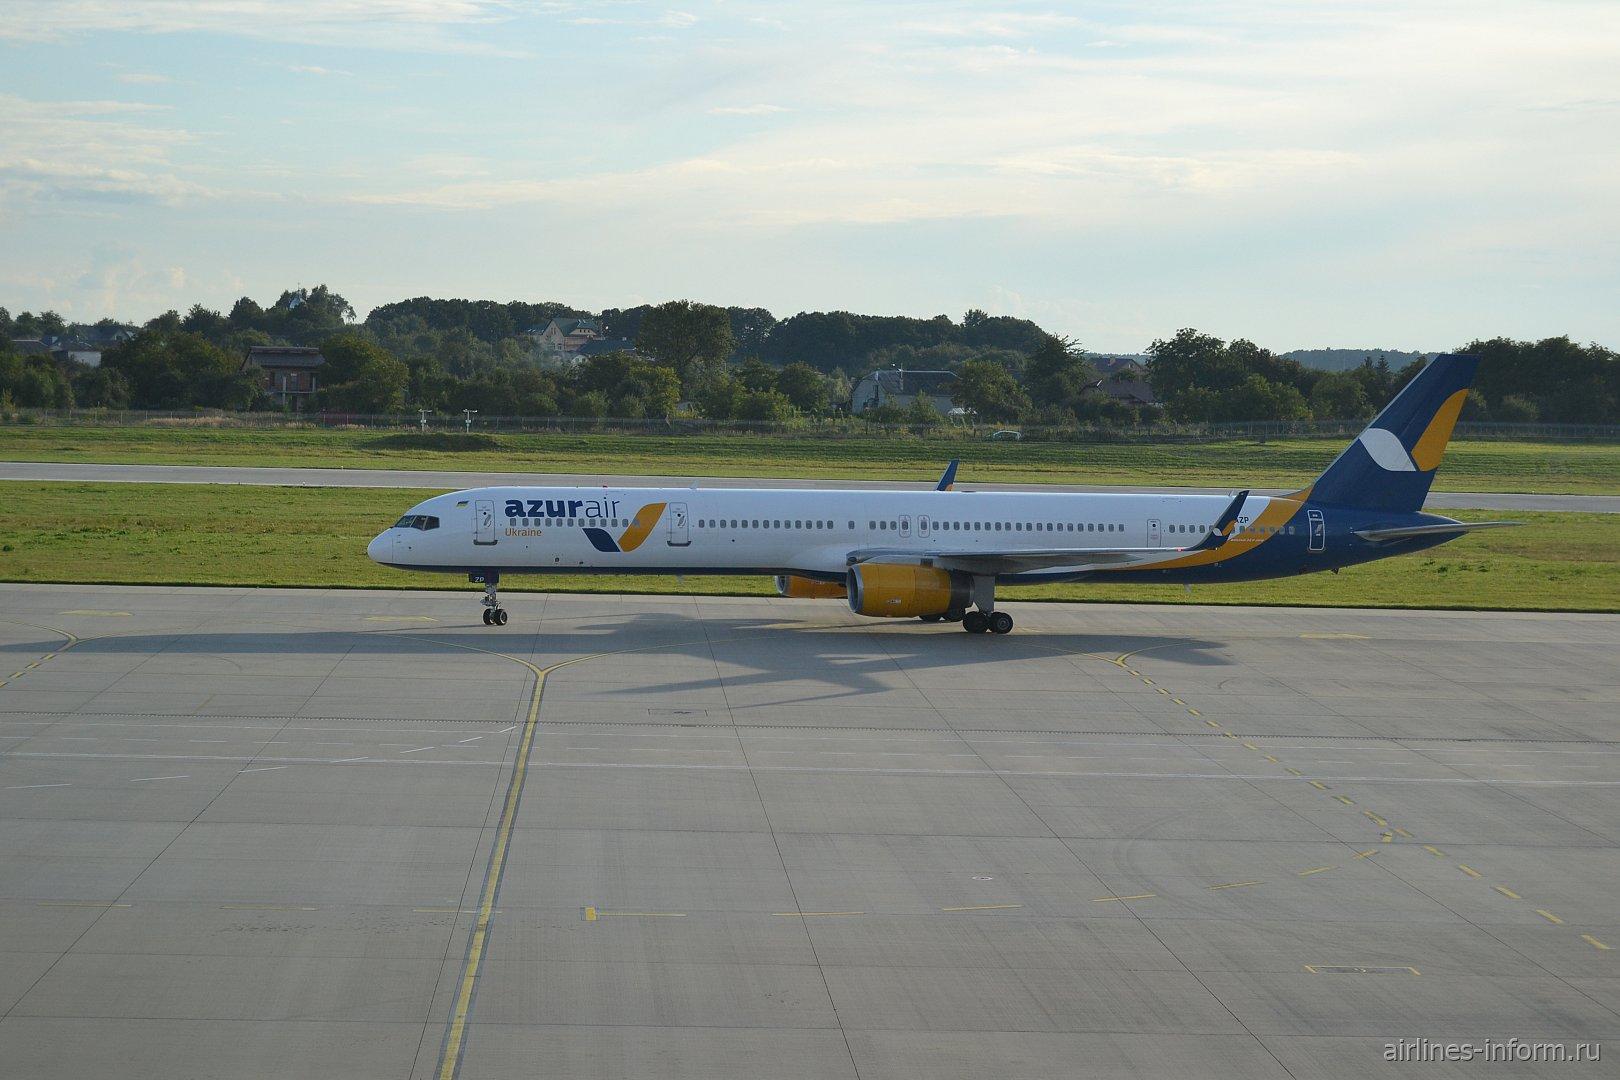 Последние дни лета. Львов (LWO) - Анталья (AYT) B753 Azur Air Ukraine.